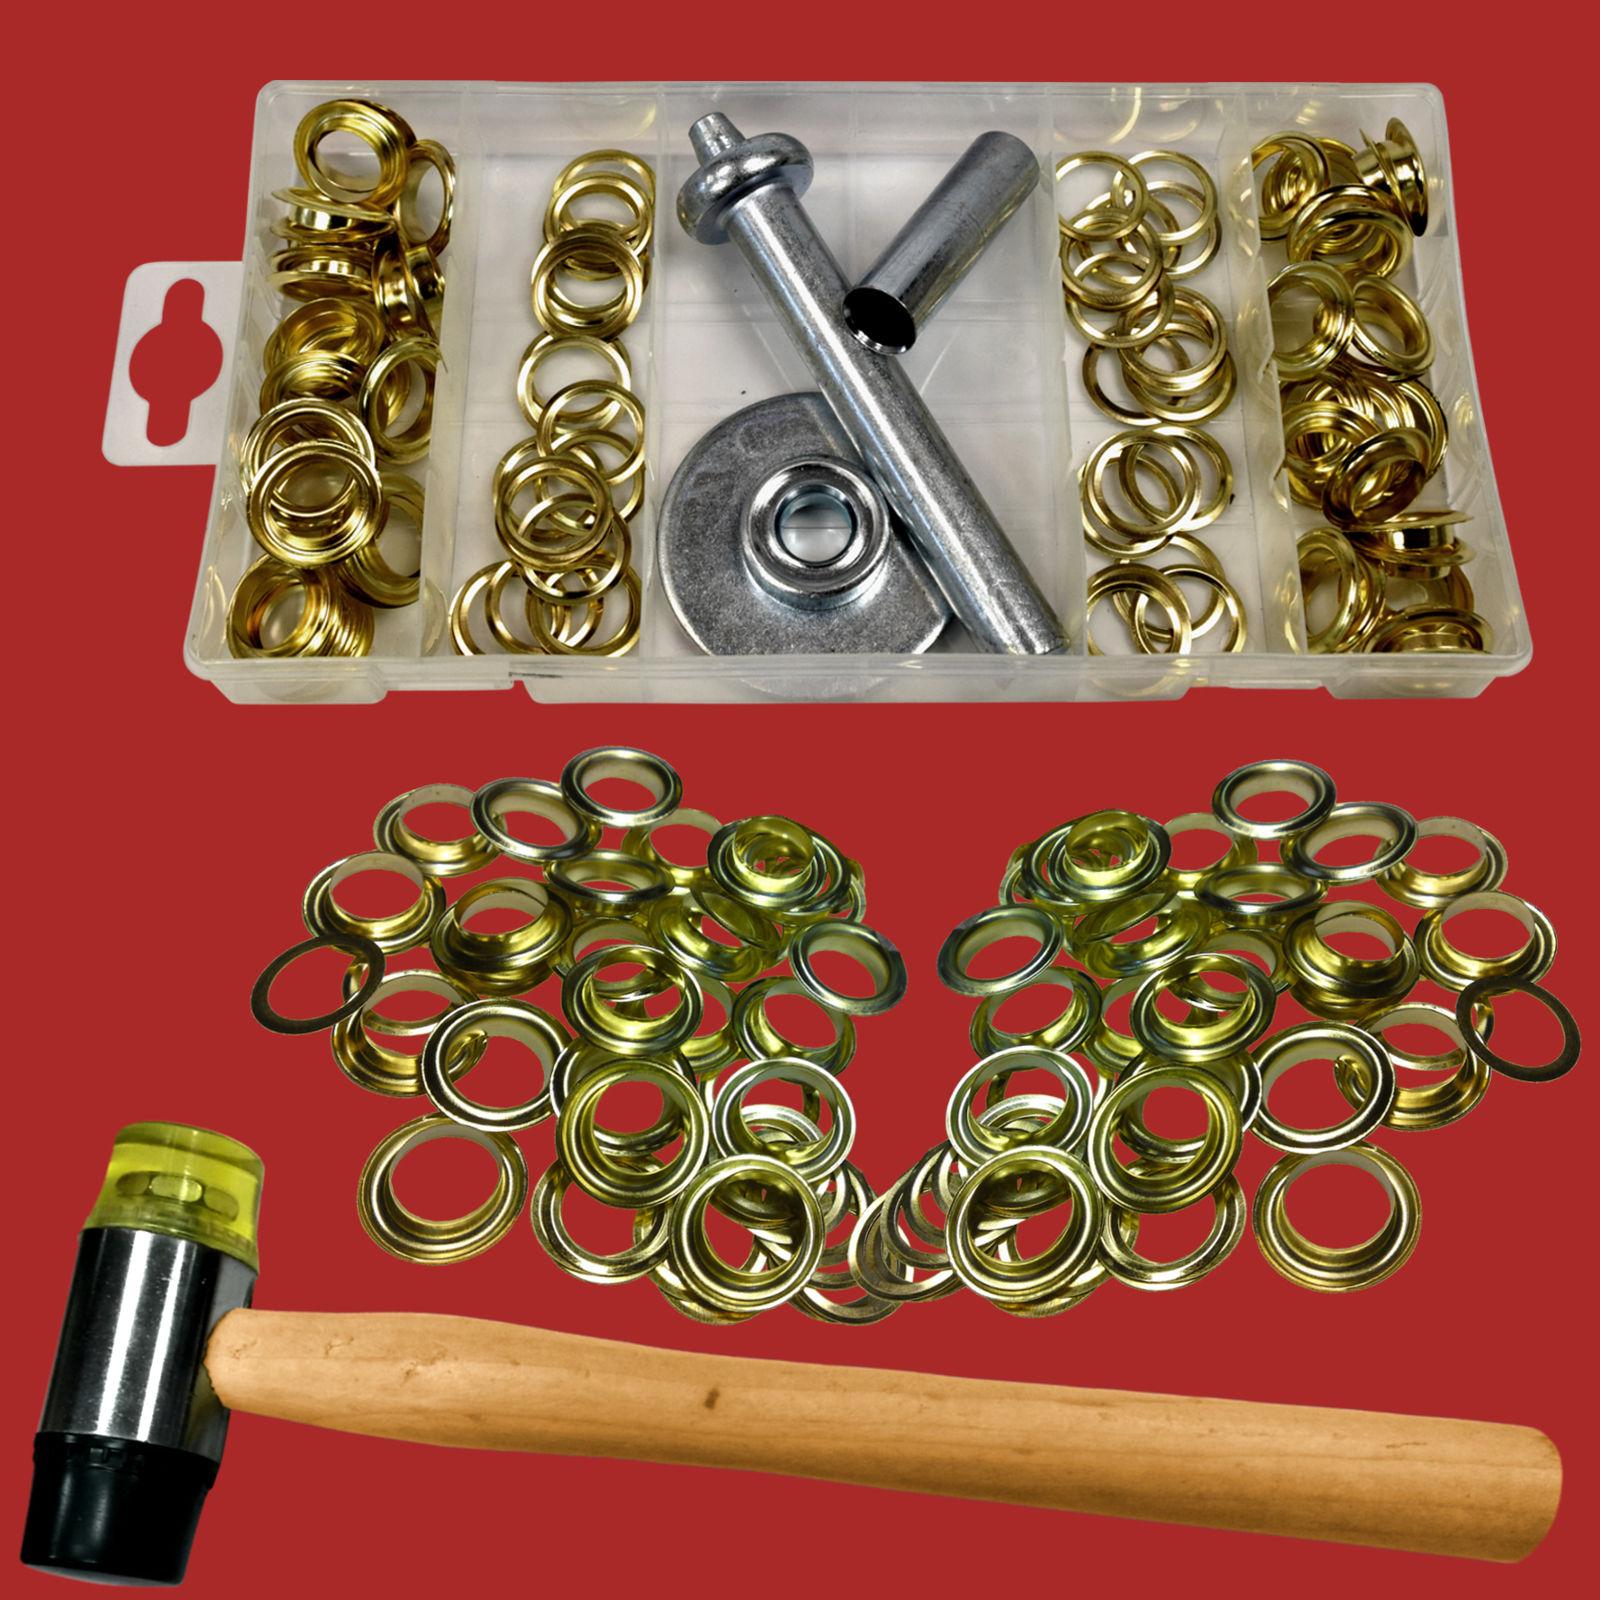 200-tlg. Ösen-Installations-Set: Schonhammer+Locheisen+Einschlagstempel+98 Ösen